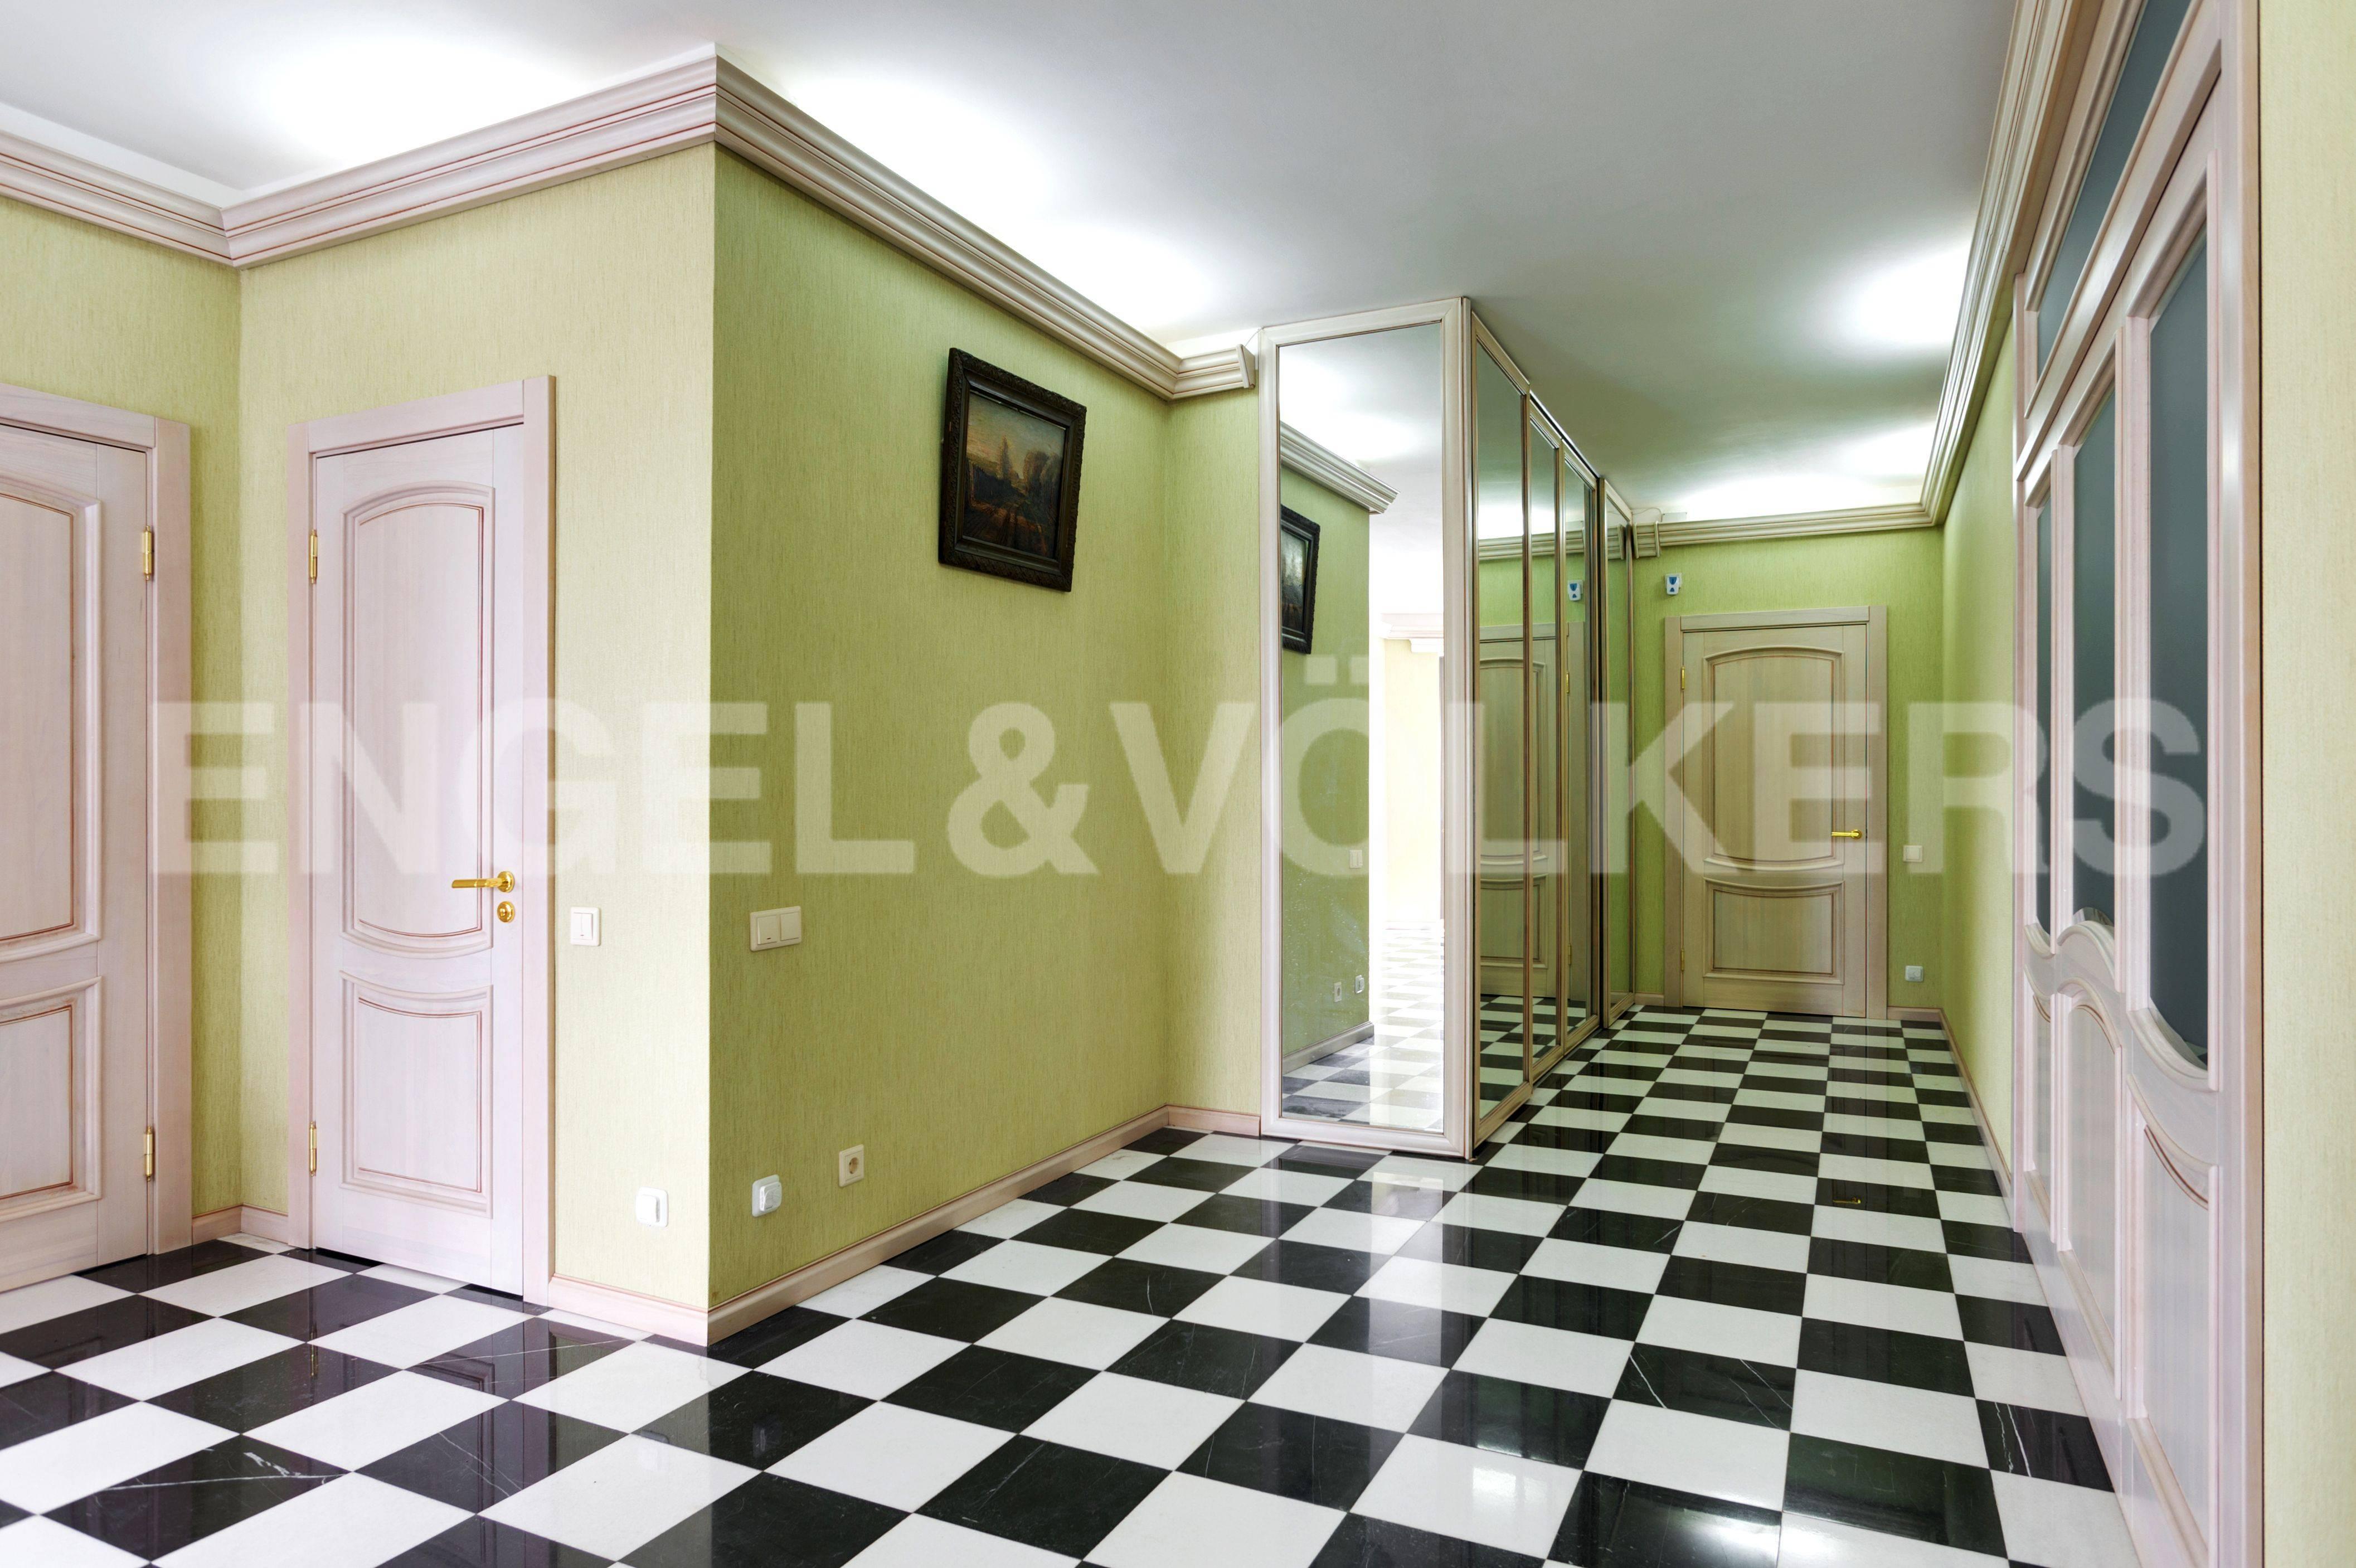 Элитные квартиры в Выборгский р-н. Санкт-Петербург, Большой Сампсониевский пр. 4-6. Холл прихожая со встроенными шкафами